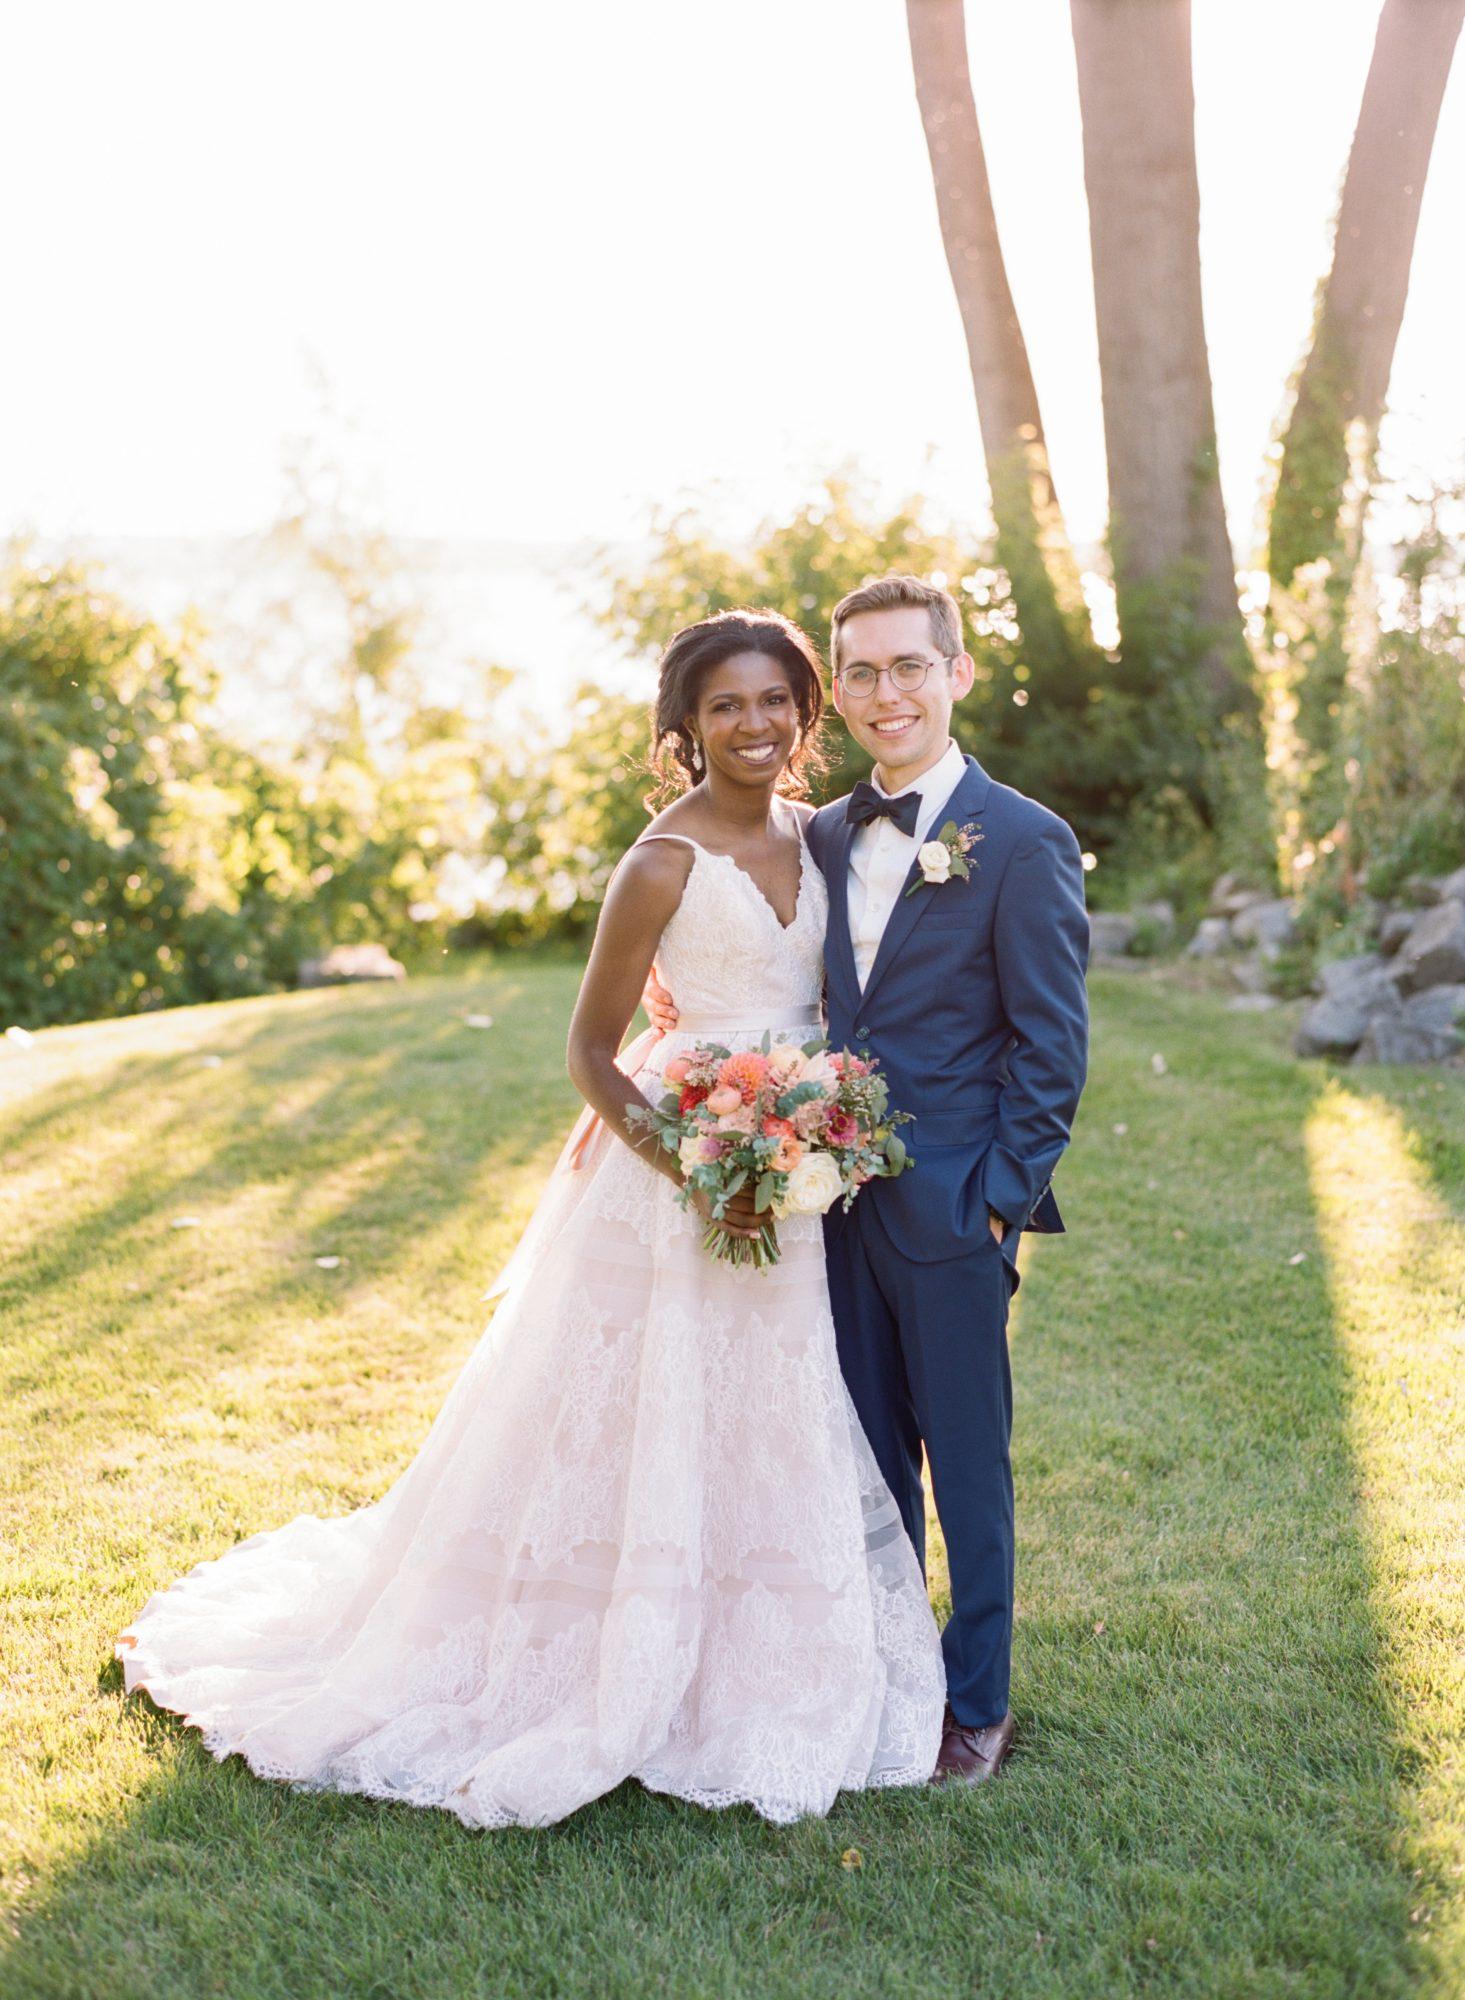 charlene jeremy wedding couple portrait